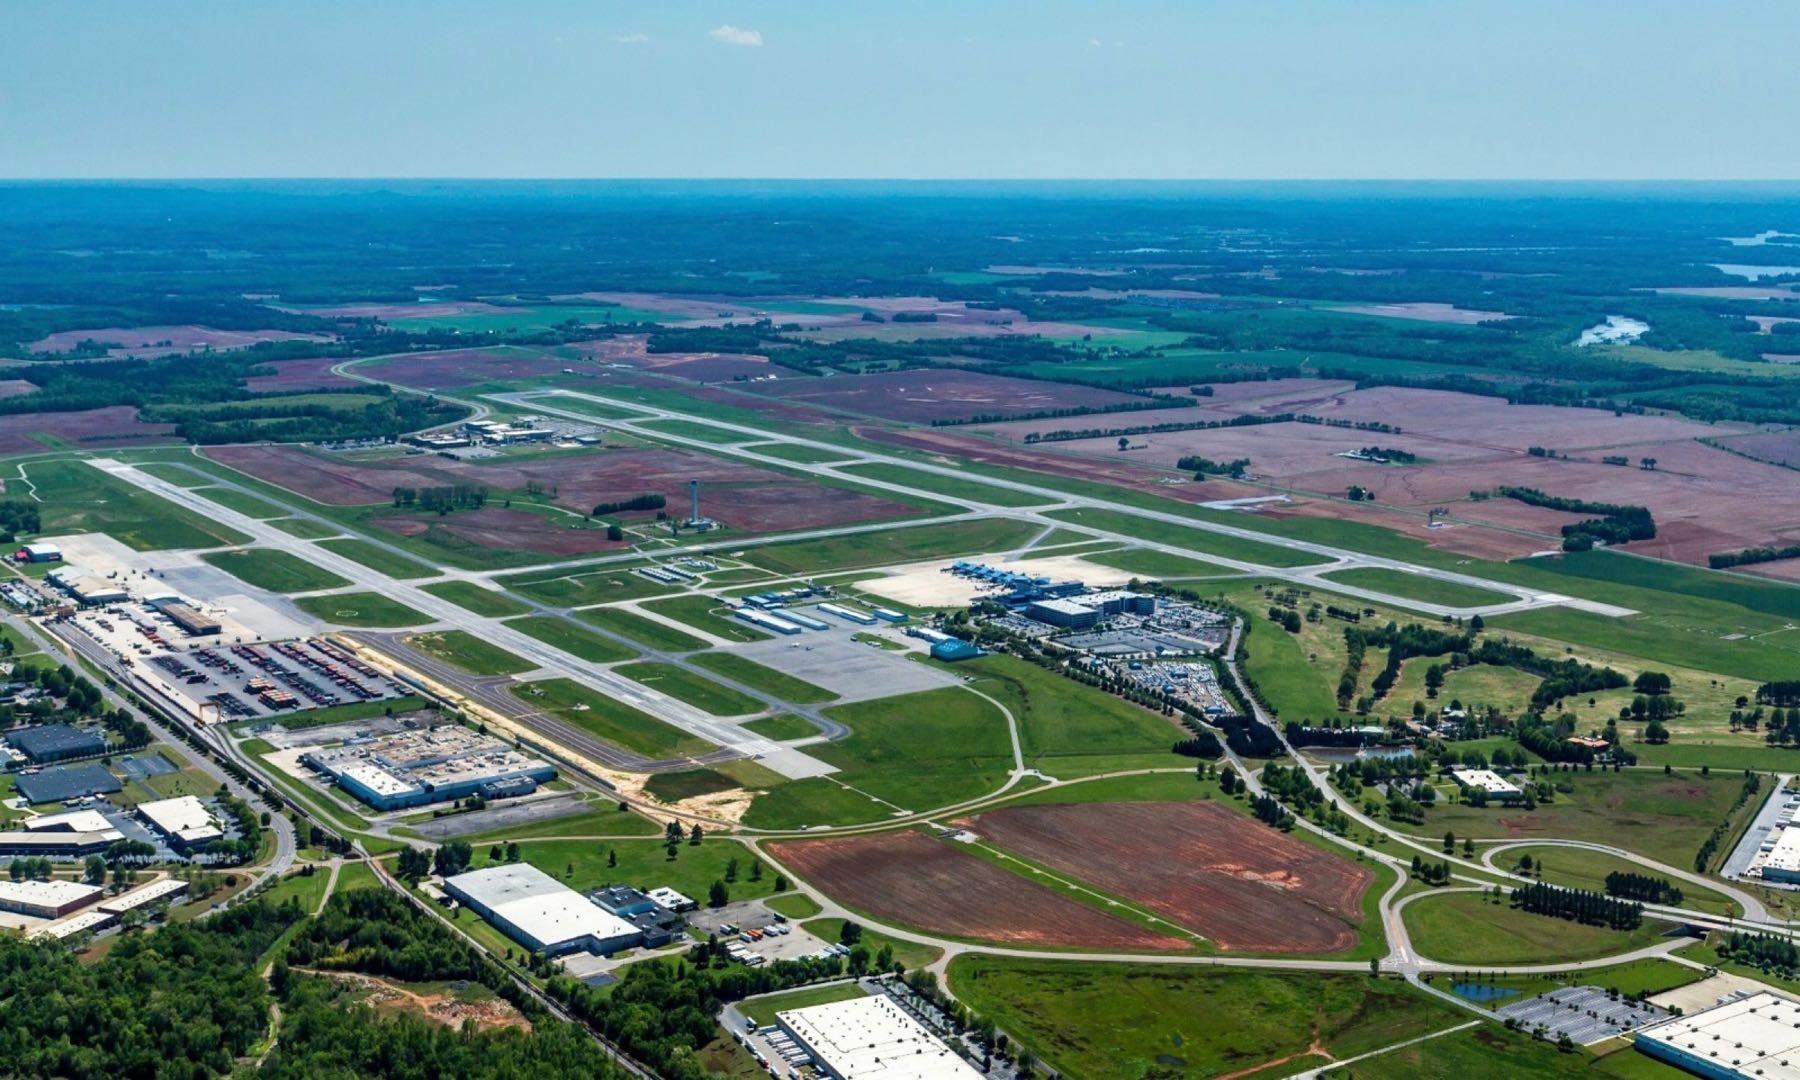 嘉里物流联网推出自控货运网络 连接亚洲与美洲空运枢纽